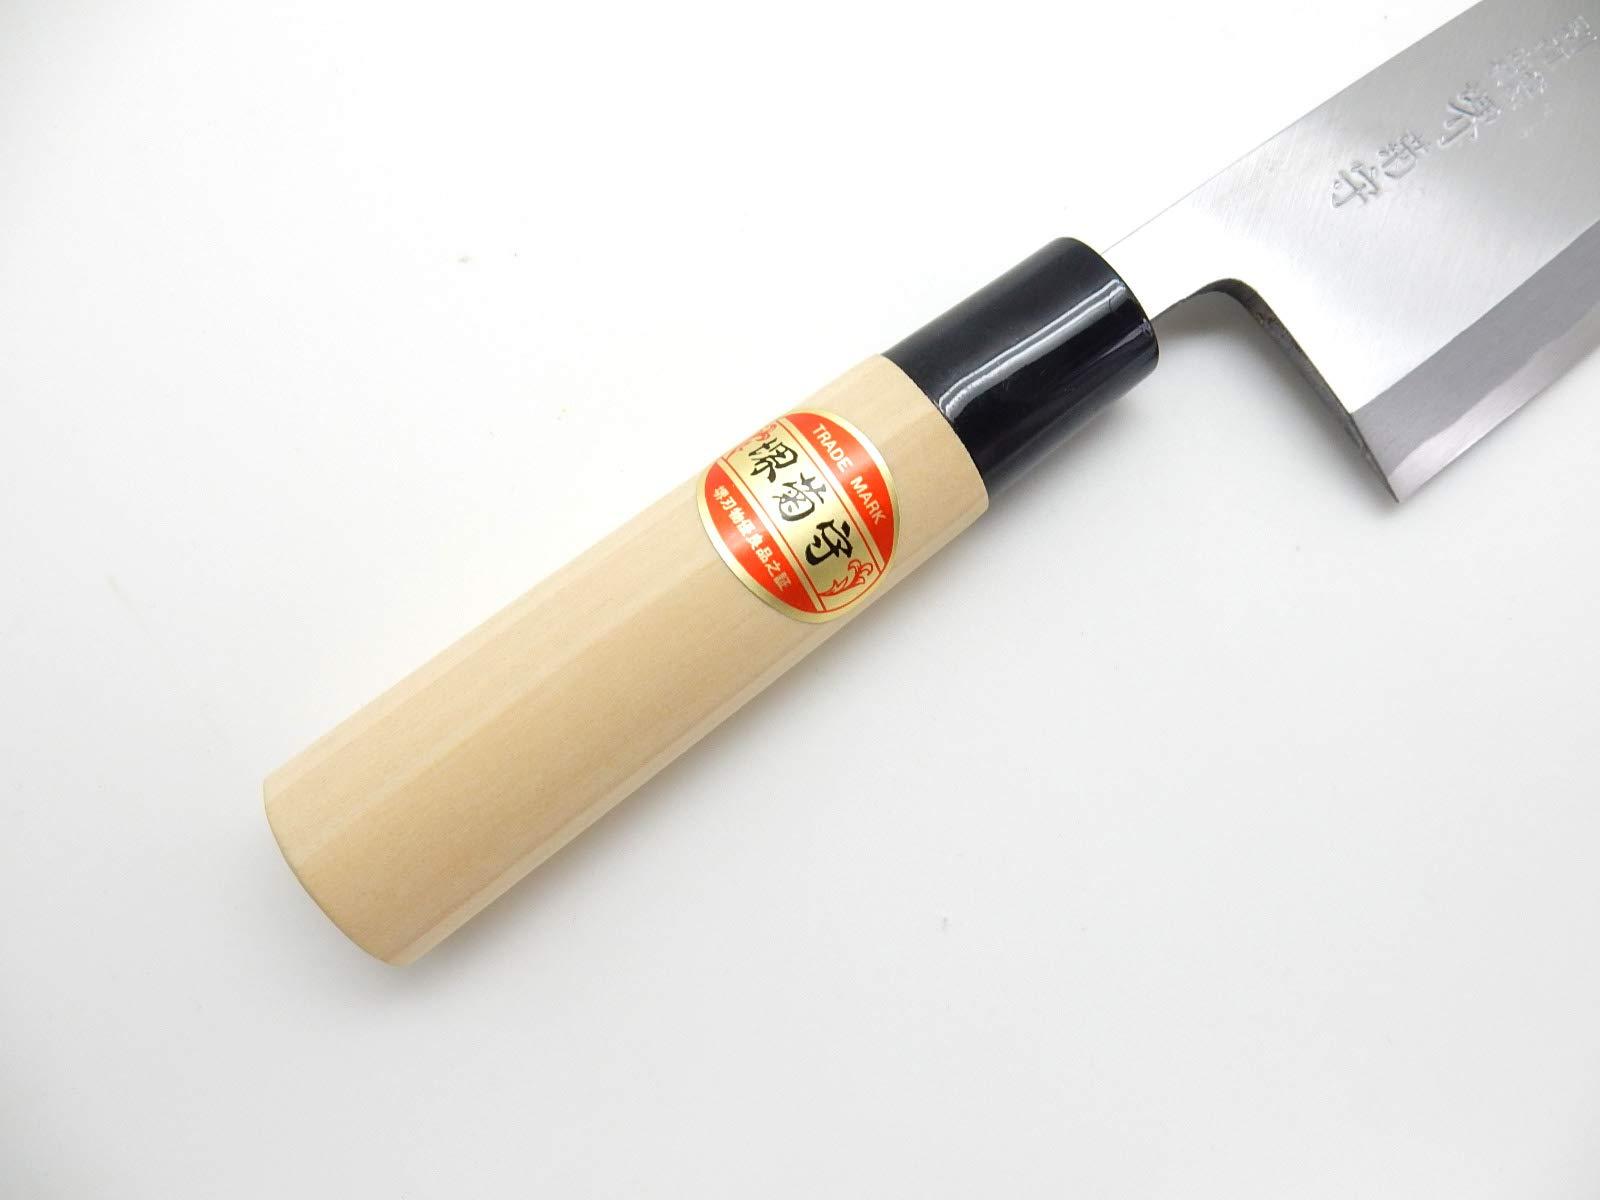 SAKAI KIKUMORI Yasuki White Steel,Kasumi Professional Deba Knife (165mm/6.5'') by SAKAI KIKUMORI (Image #4)